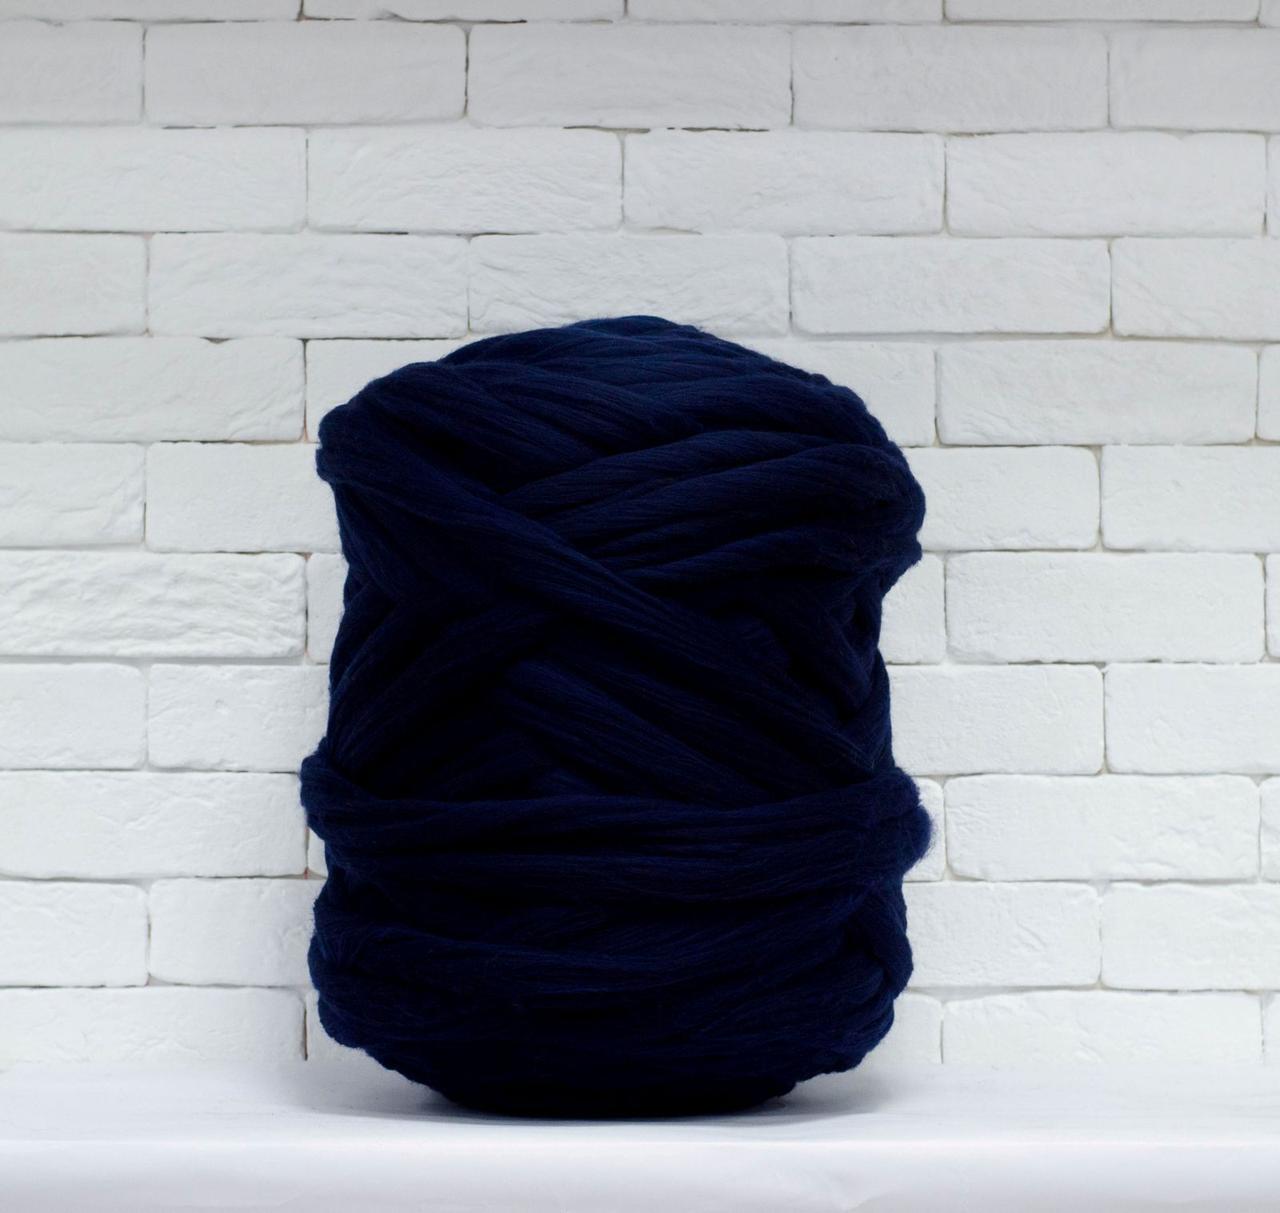 Толстая, крупная пряжа 100% шерсть 1кг (40м). Цвет: Темно-синий. 25-29 мкрн. Топс. Лента для пледов